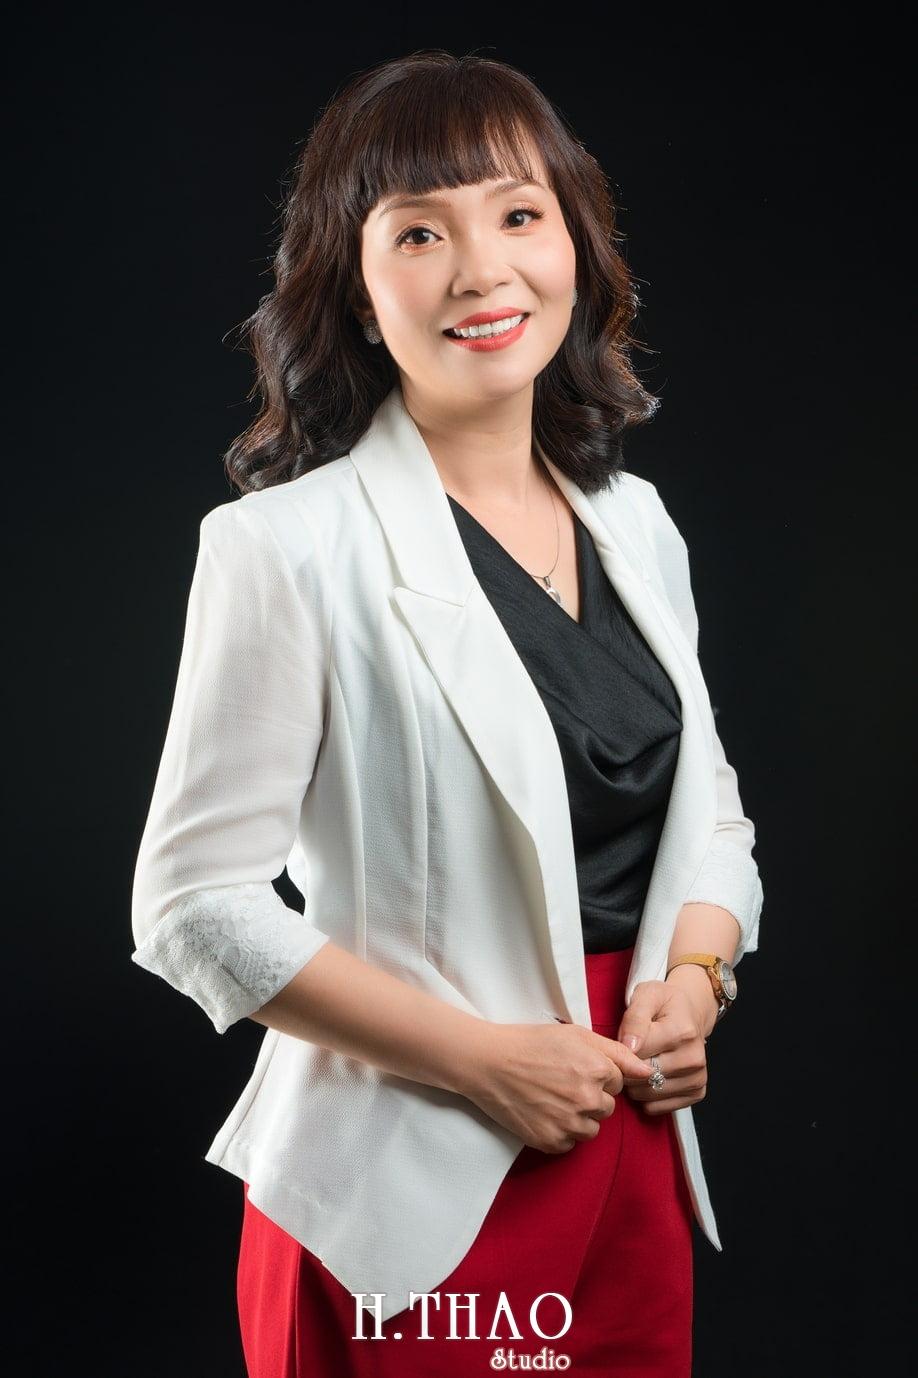 Chi Quynh 2 - Bộ ảnh Doanh nhân, Tiến sĩ V.T.B Quỳnh đẹp, sang trọng - HThao Studio